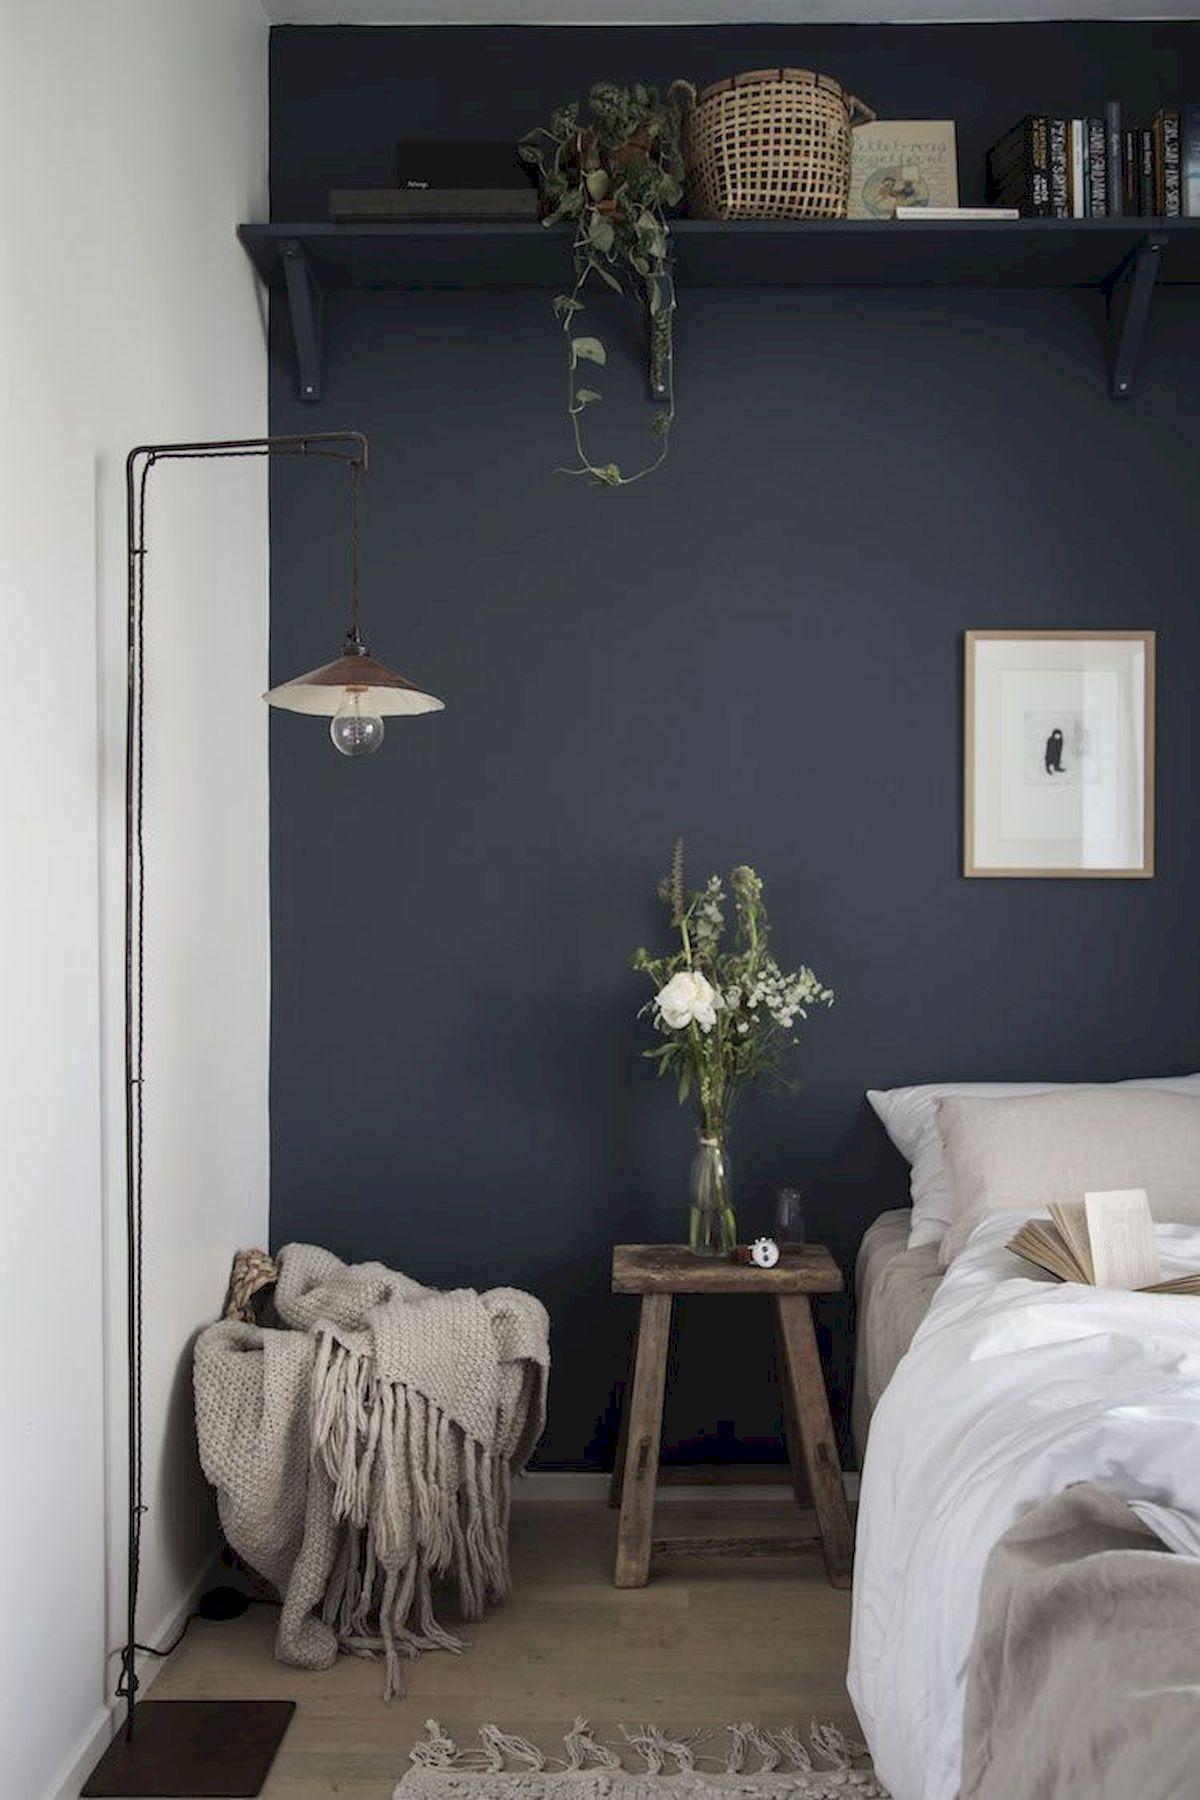 Bedroom Scandinavian Style And Decoration Jihanshanum Small Guest Bedroom Small Guest Rooms Small Bedroom Designs